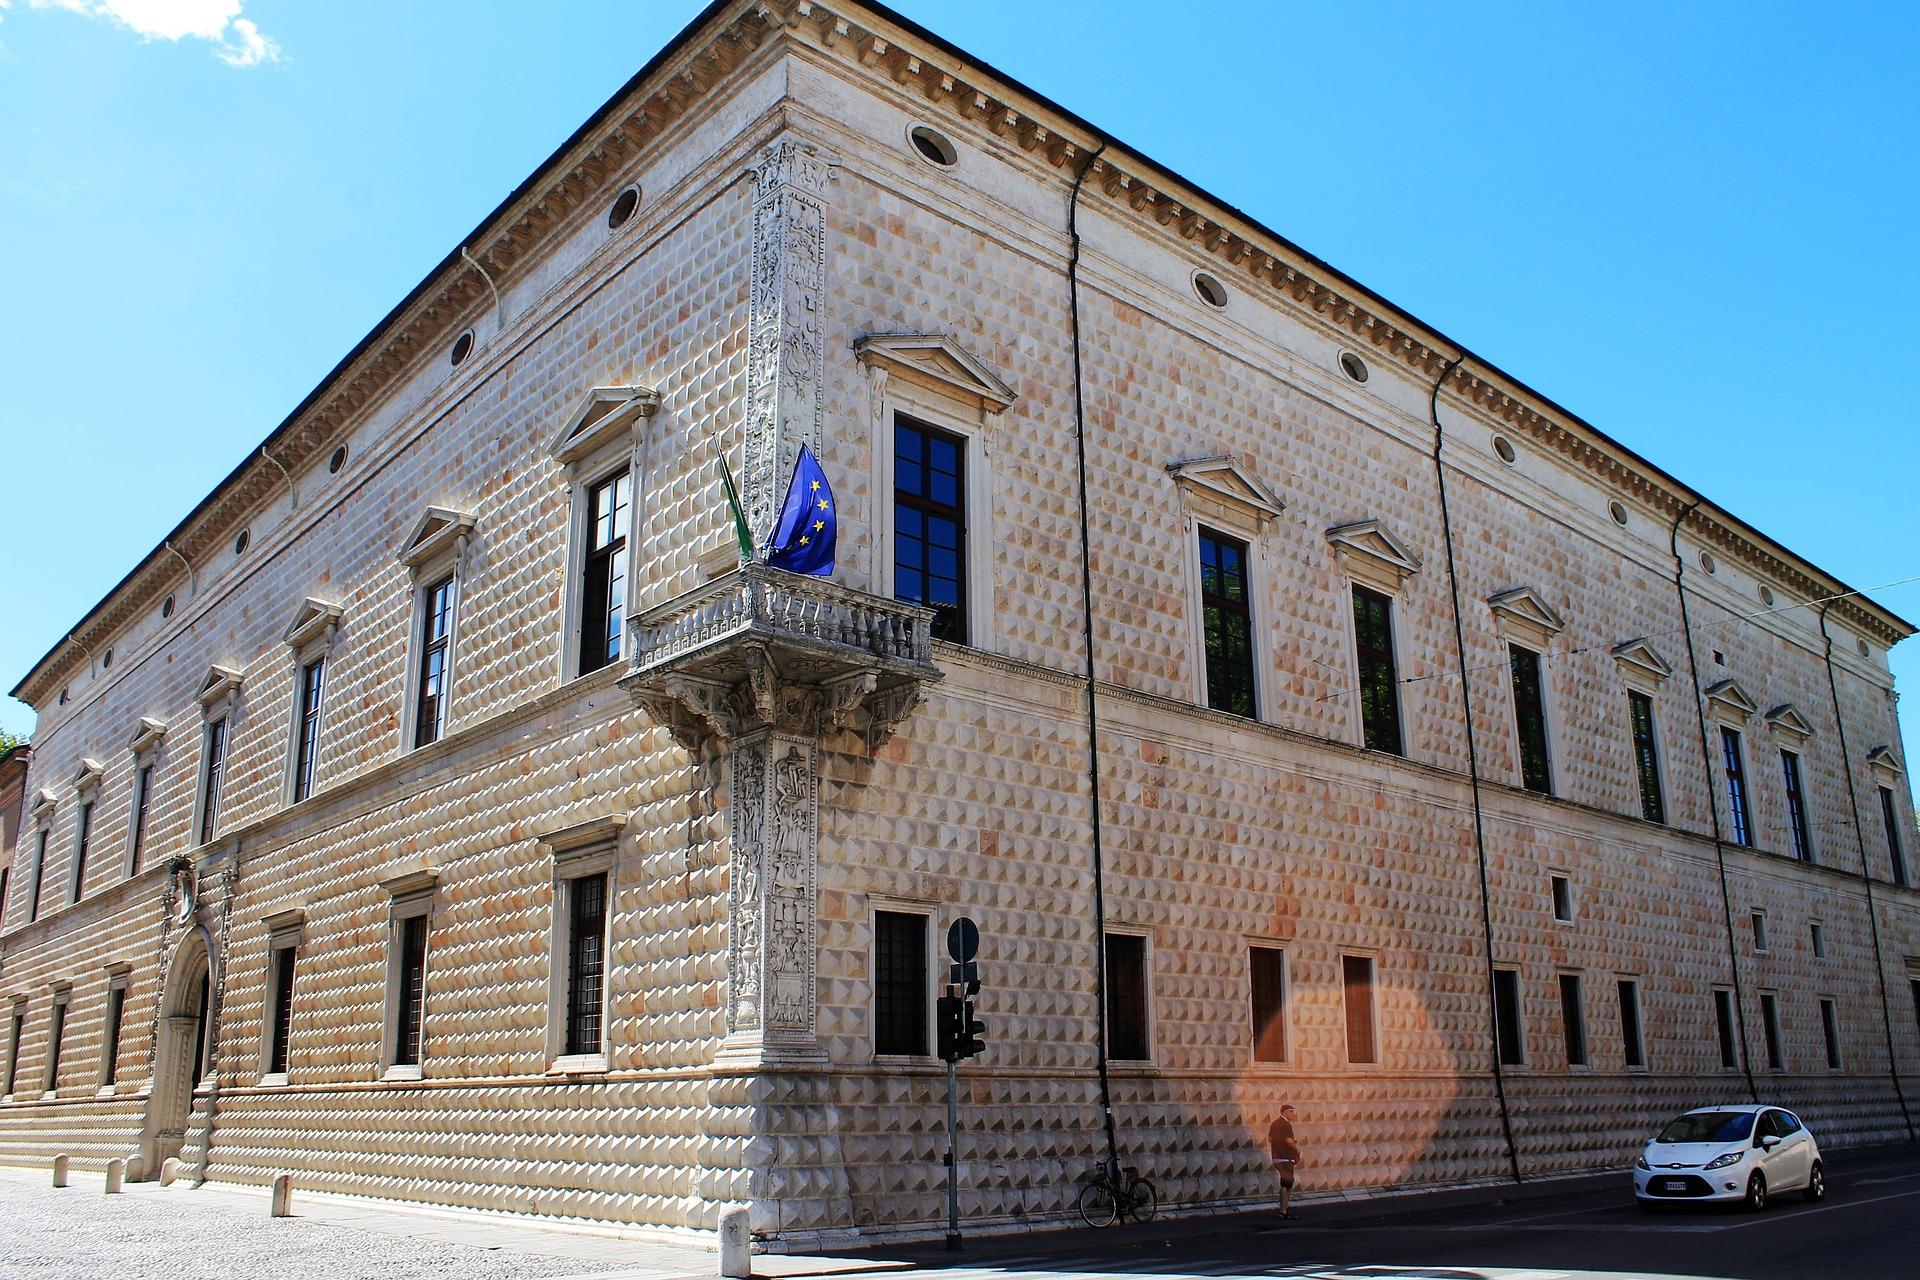 Palazzo dei diamanti in Ferrara